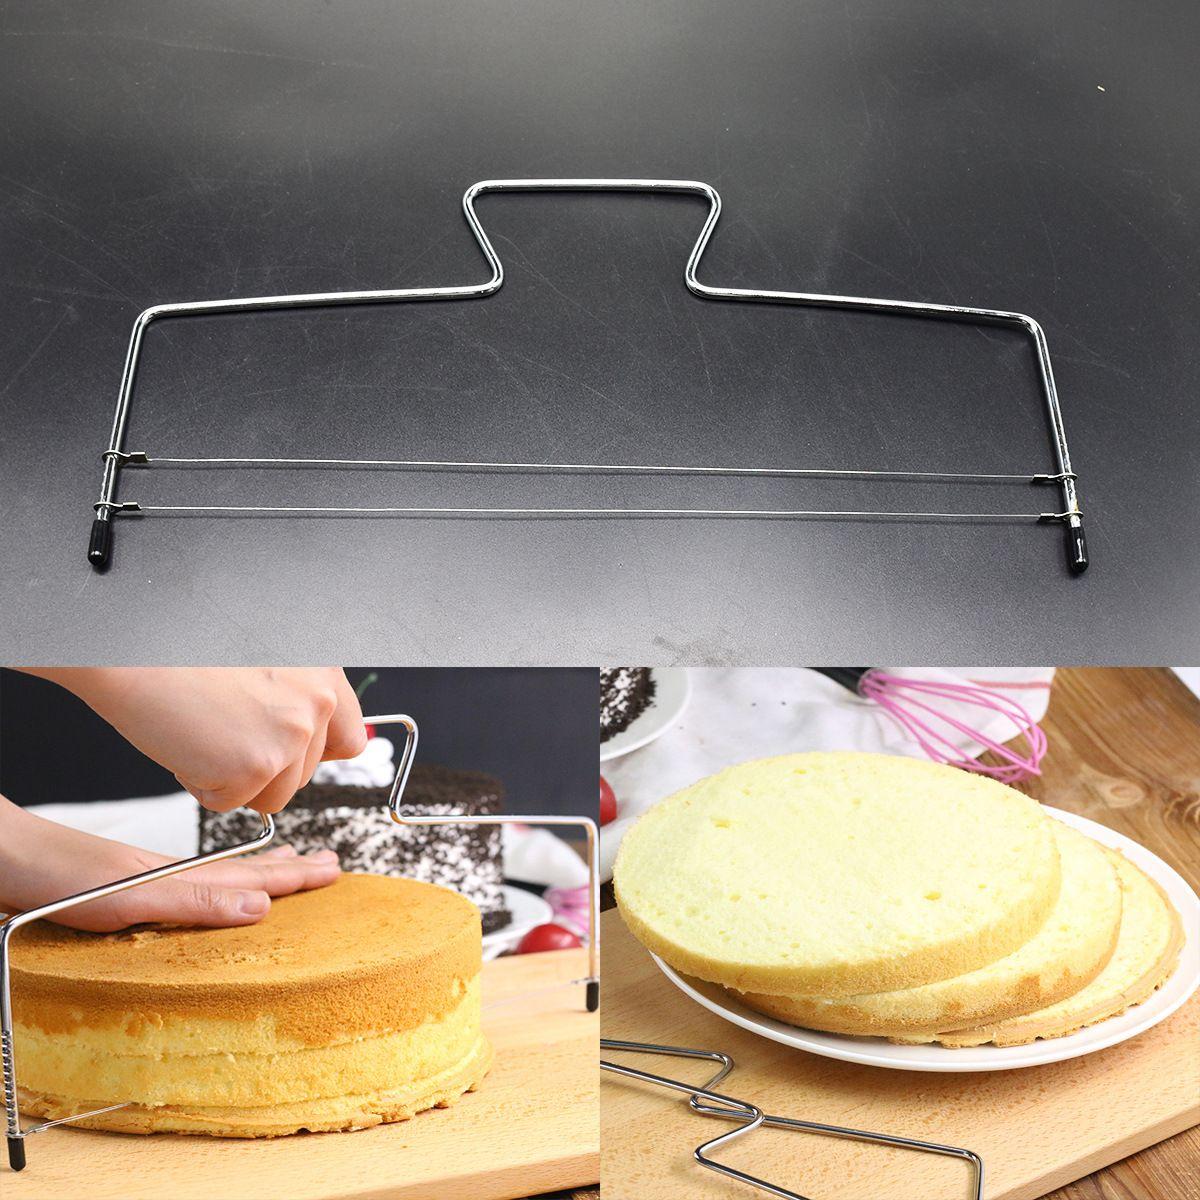 BEEMSK 1 stücke Backen Werkzeuge Zwei-Linie Edelstahl Kuchen Splitter Kuchen Splitter Einstellbare Kuchen Slicer Metall Kuchen Cut werkzeug